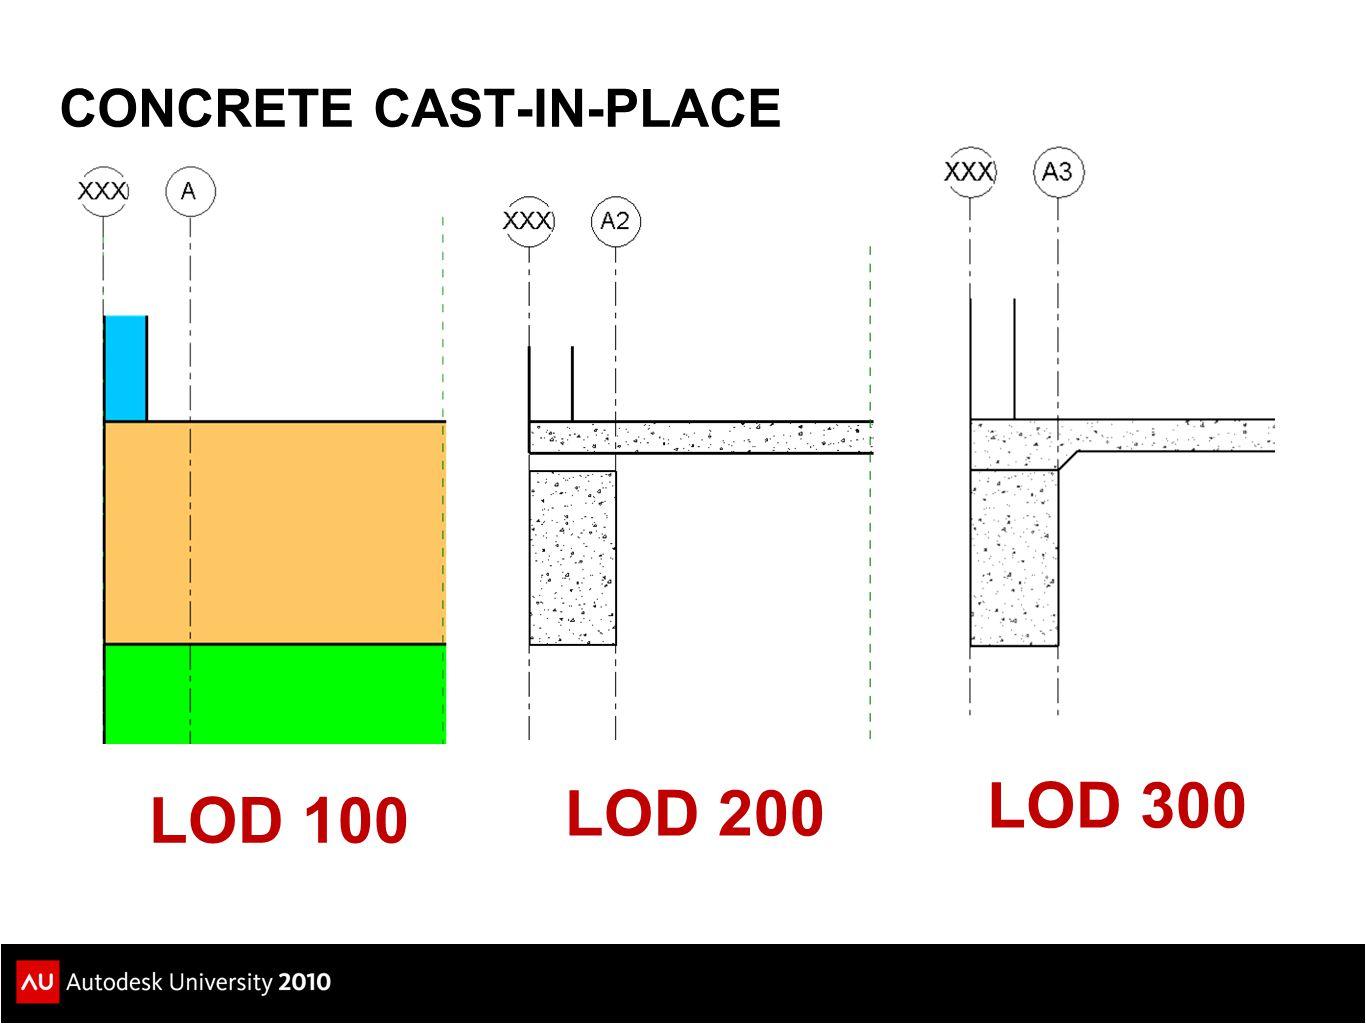 CONCRETE CAST-IN-PLACE LOD 100 LOD 200 LOD 300